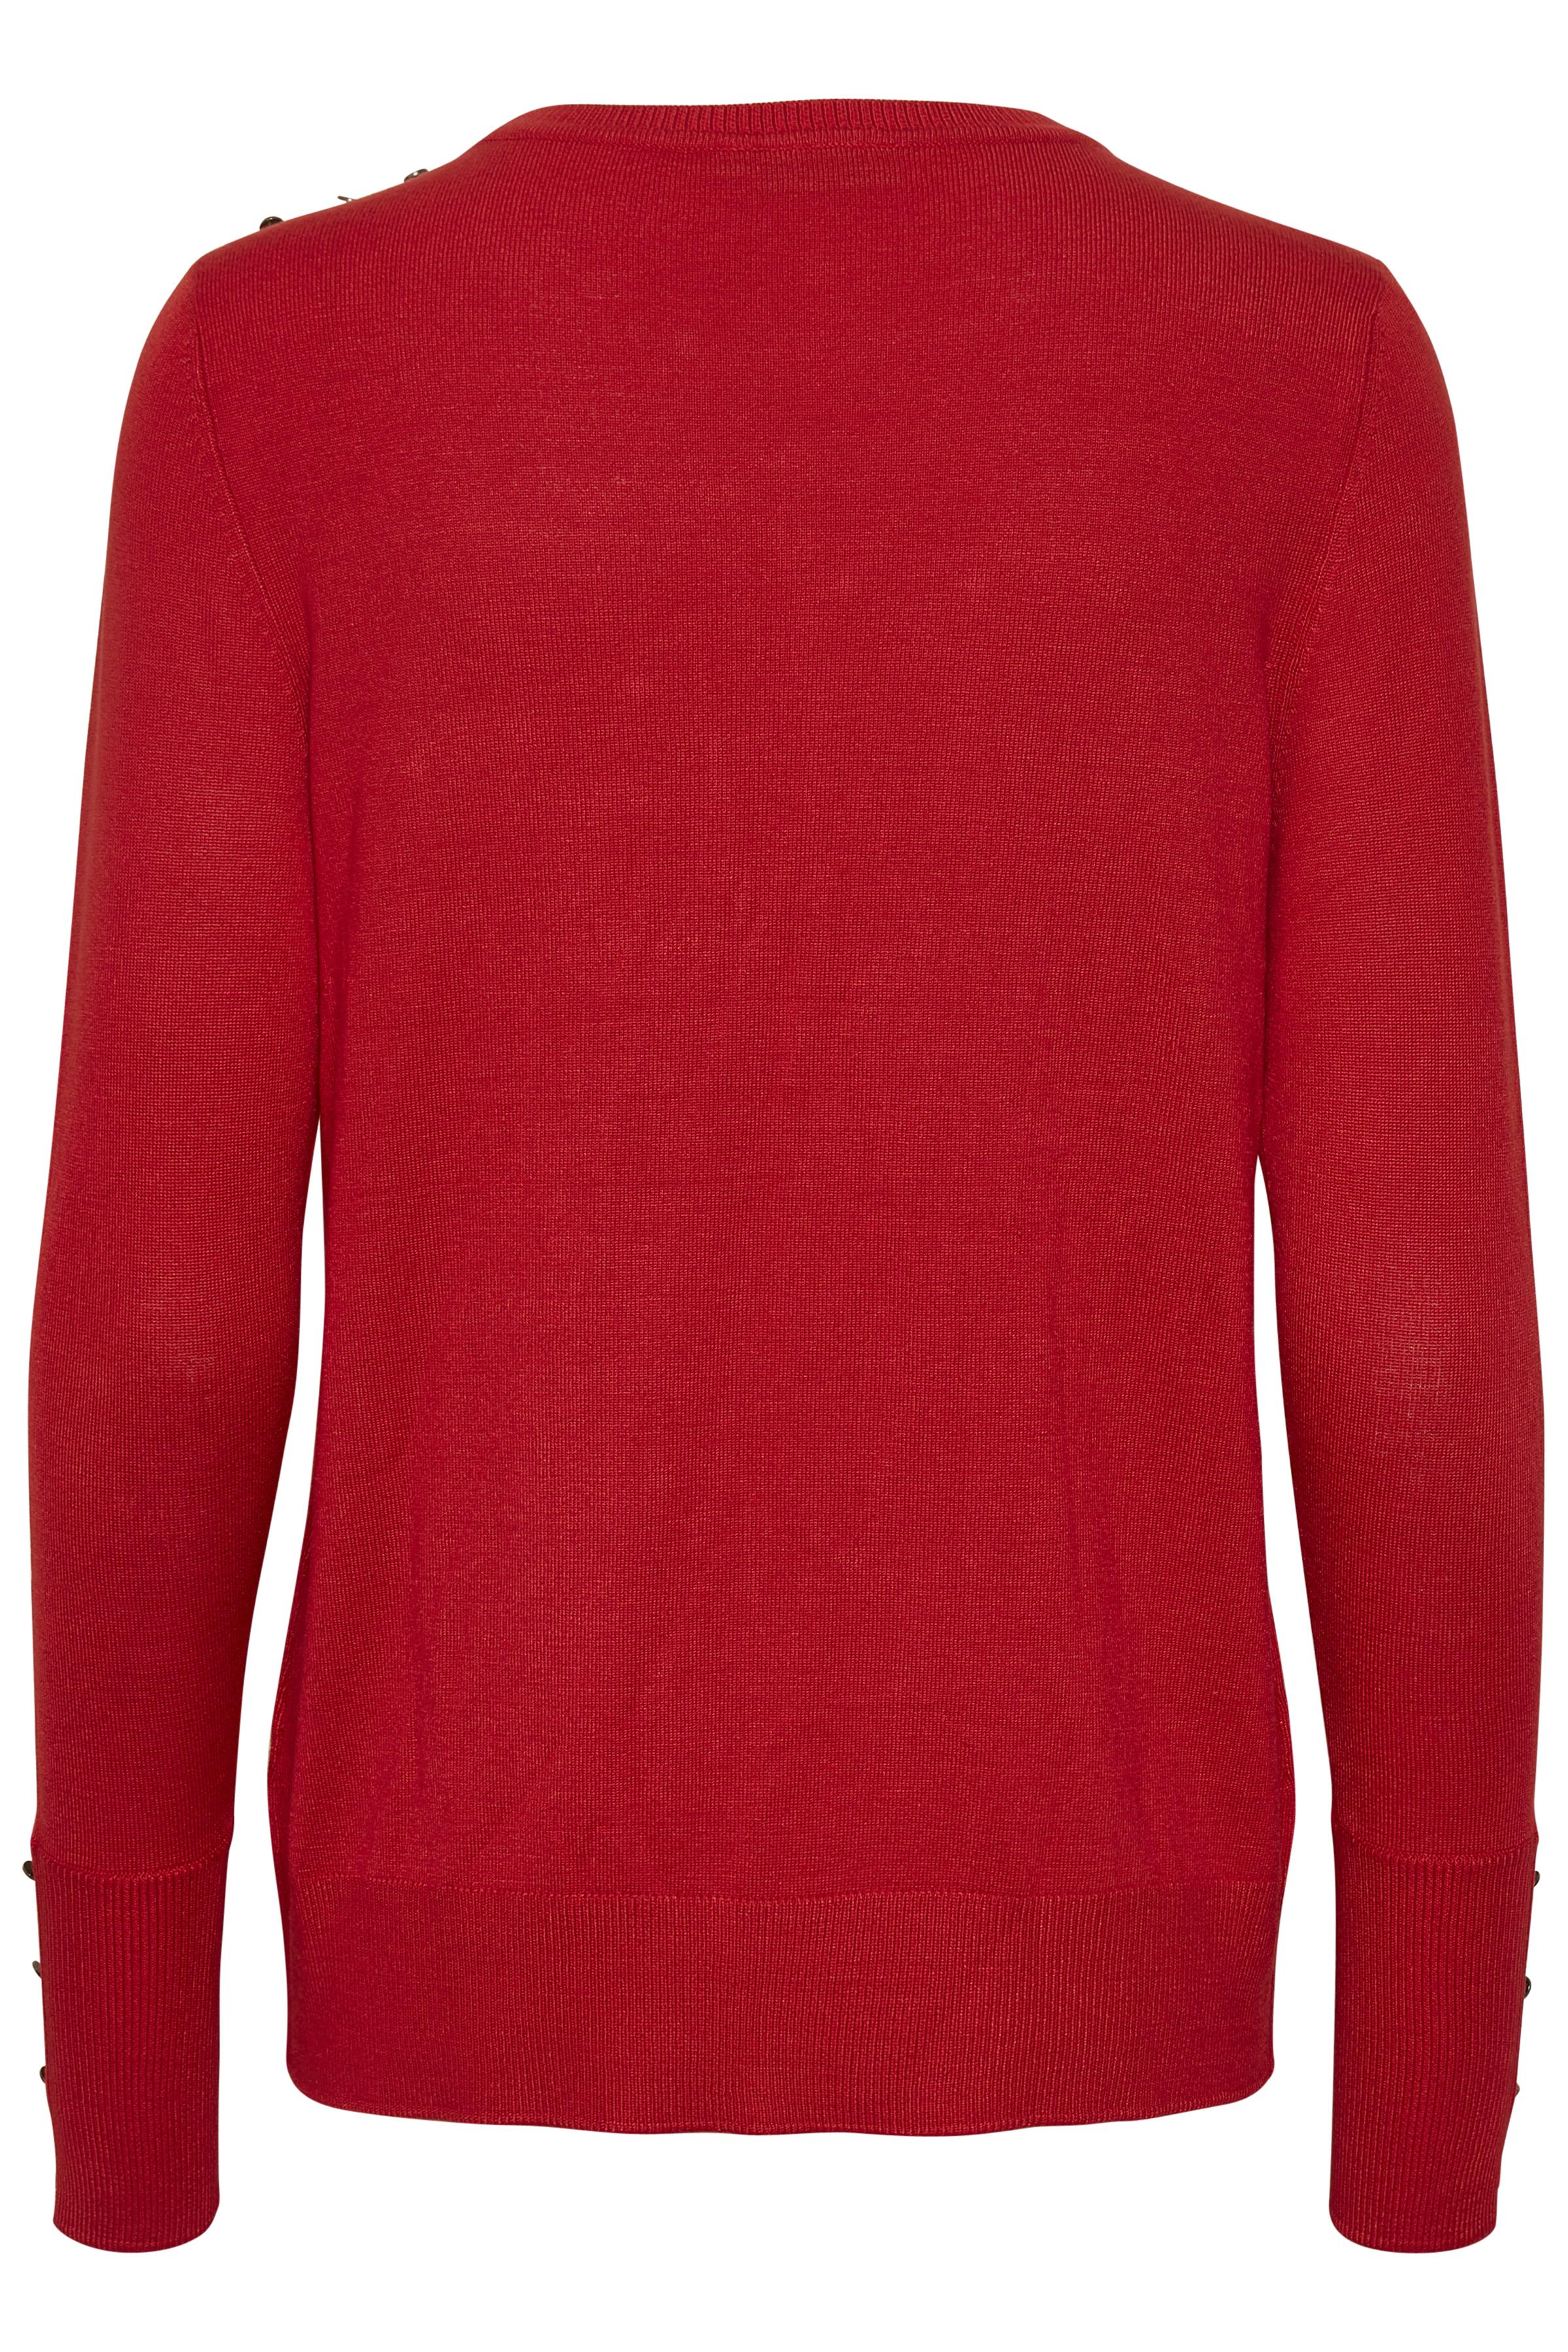 Mörkröd Stickad pullover från Fransa – Köp Mörkröd Stickad pullover från stl. XS-XXL här